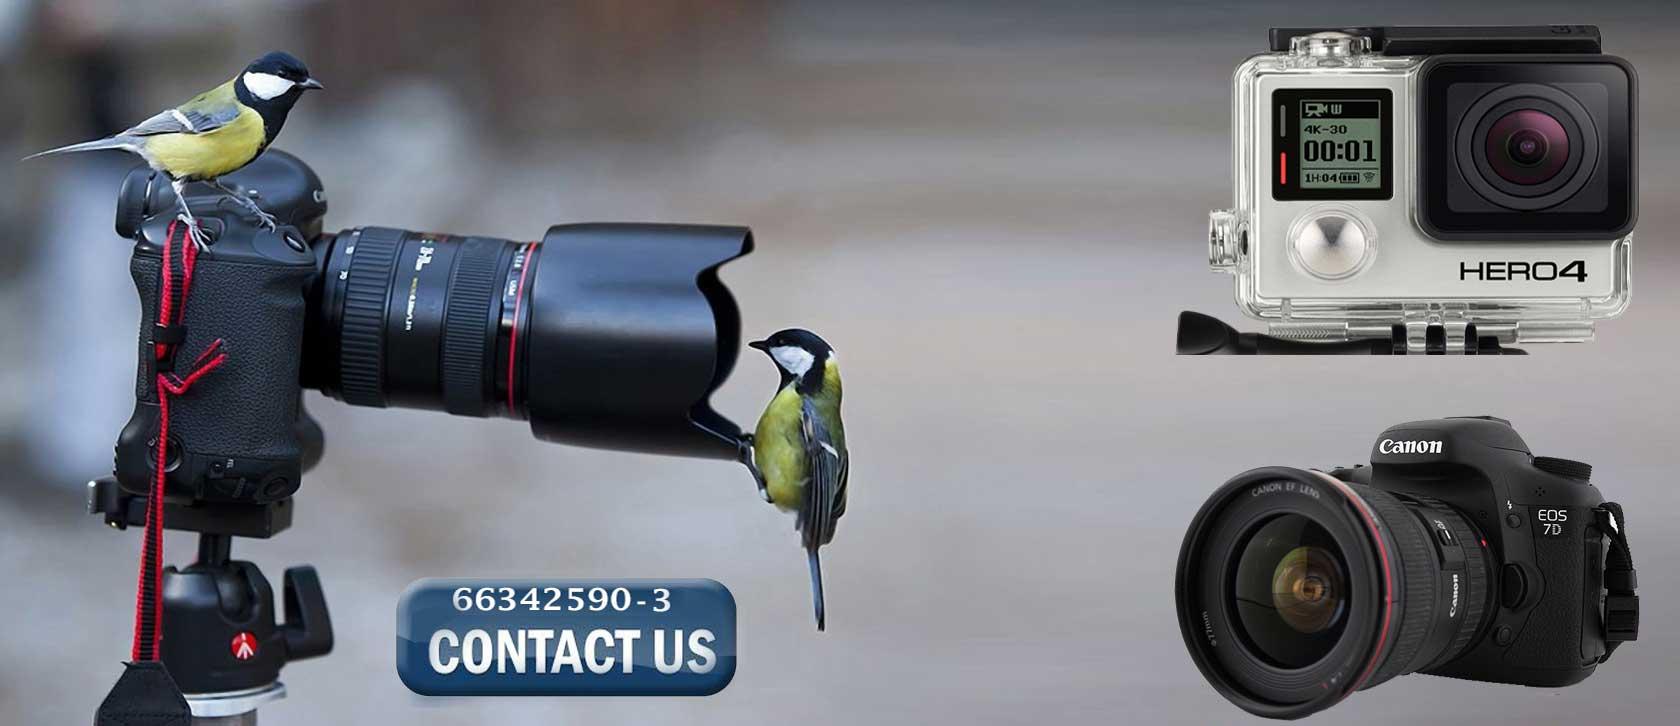 سرویس انواع دوربین های دیجیتال در تعمیرگاه نوین رایگان می باشد